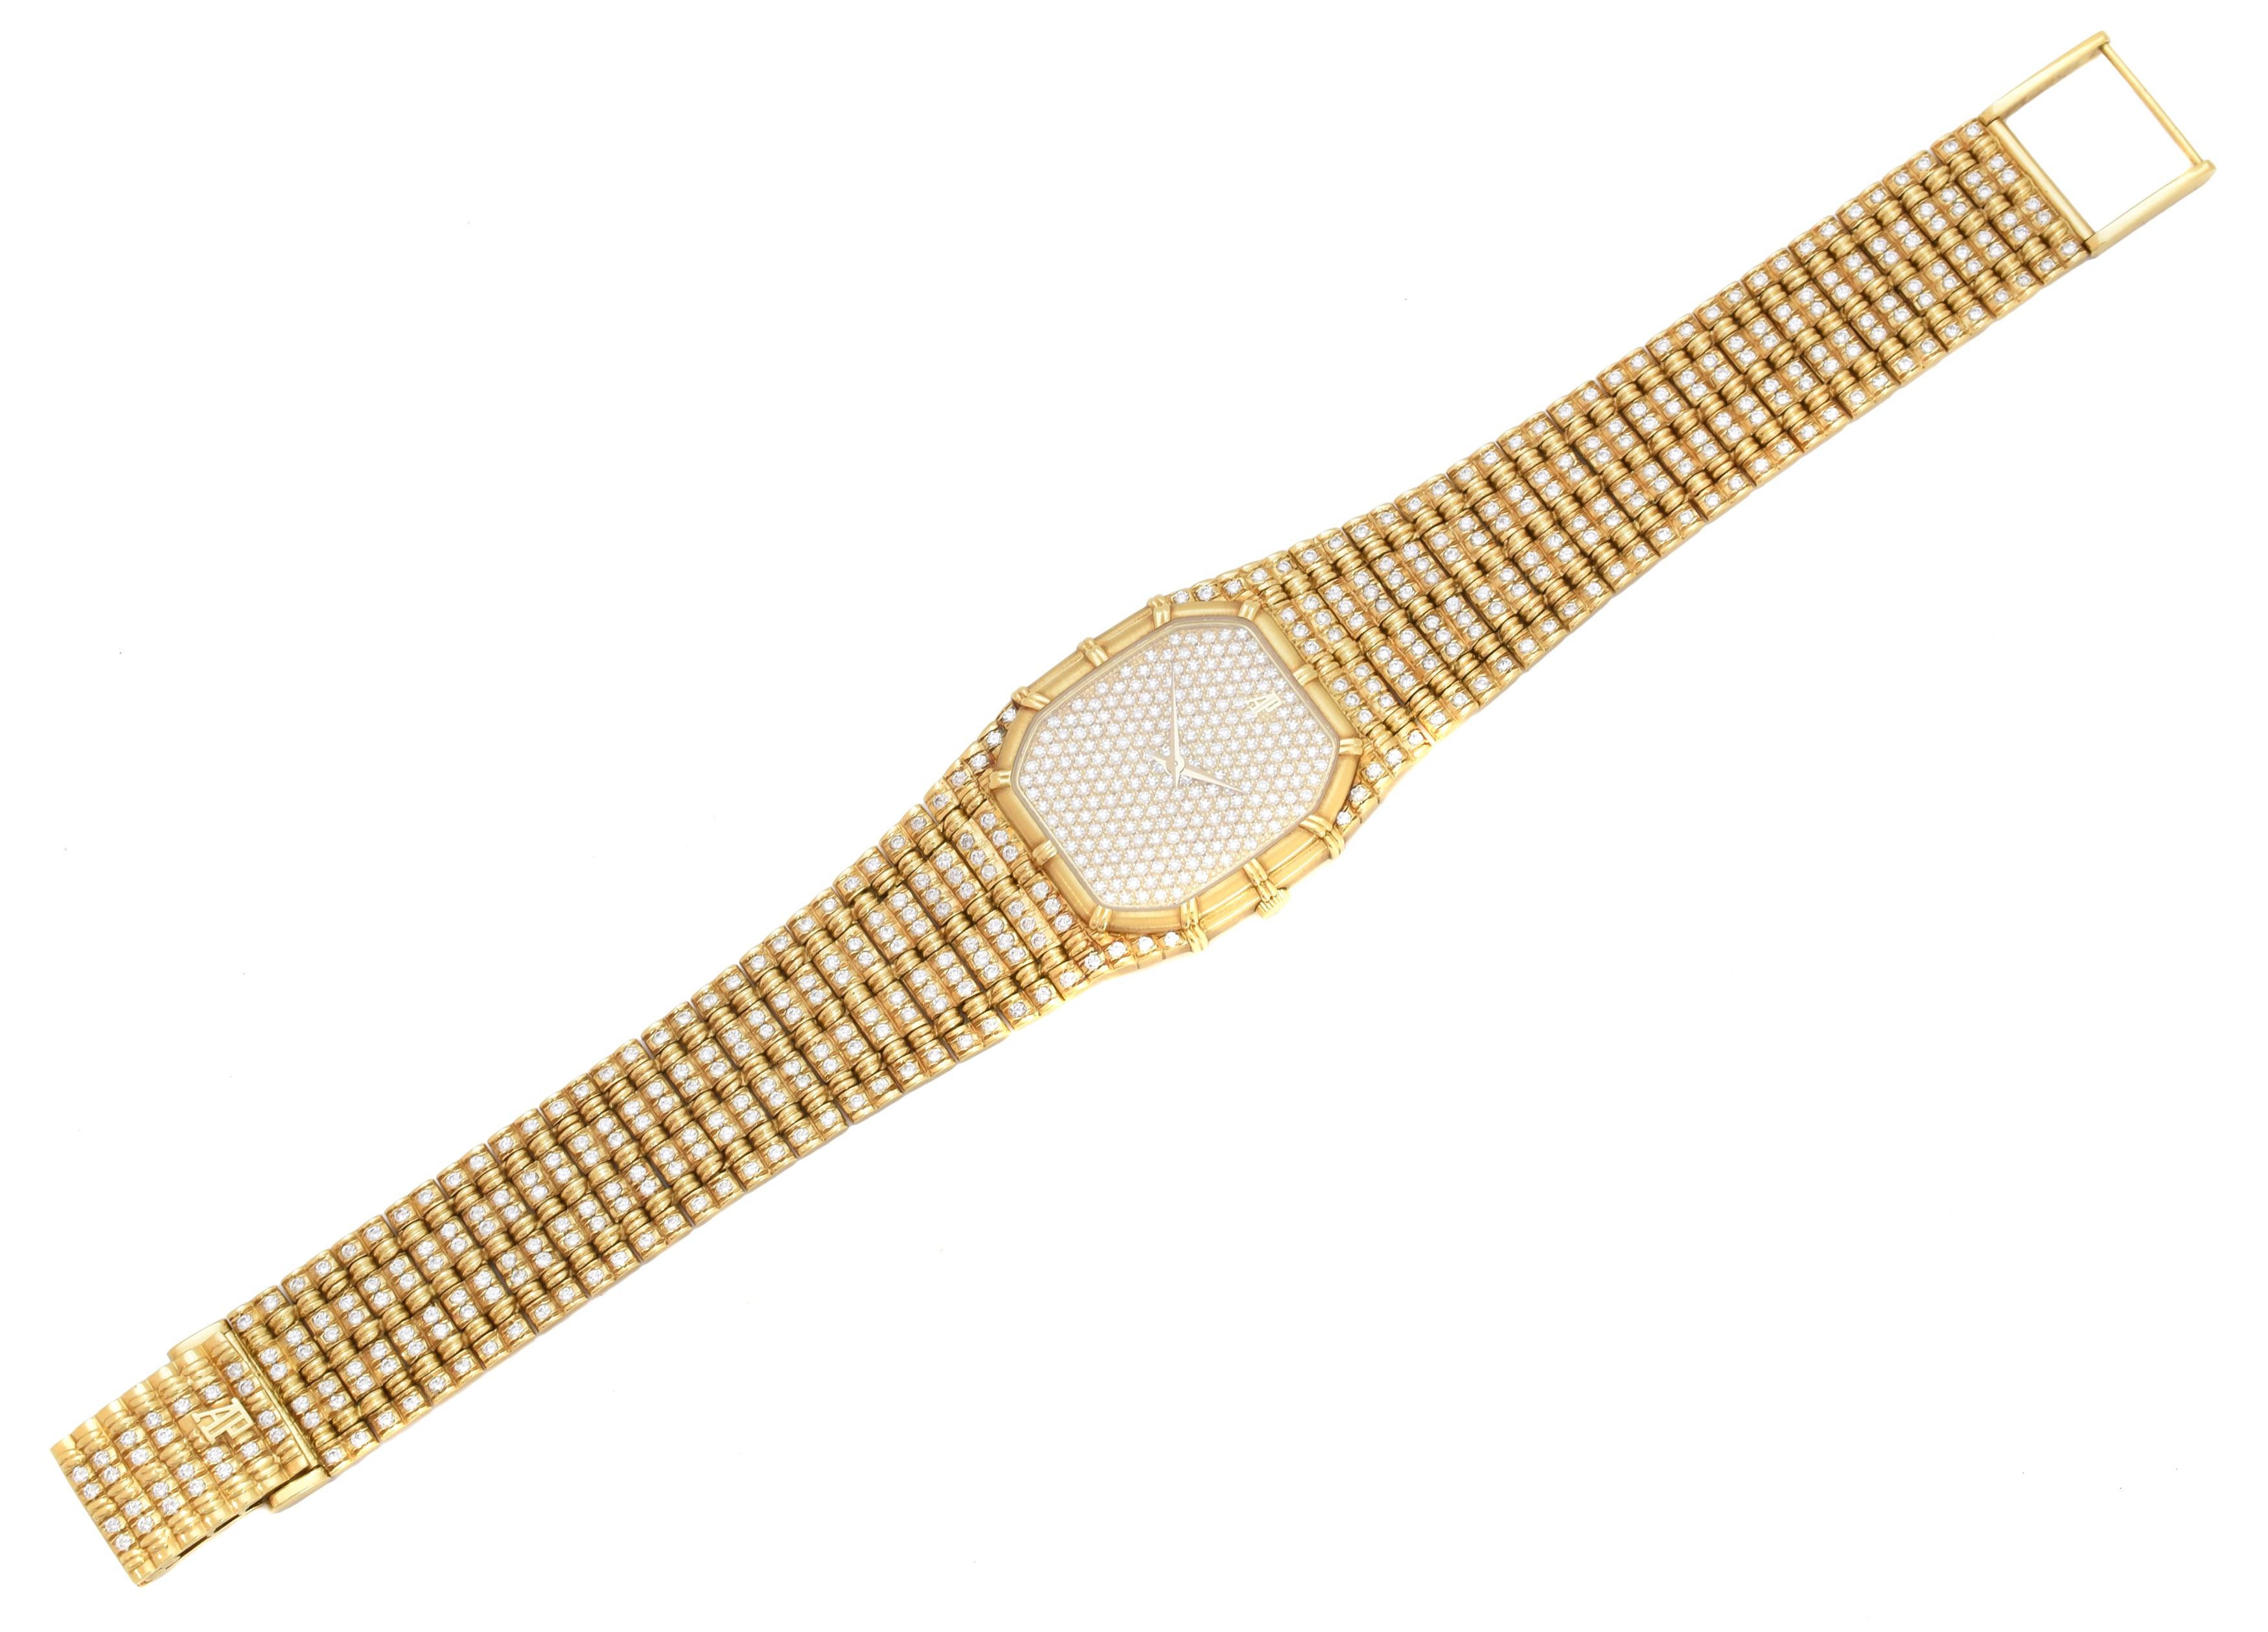 An 18ct gold diamond Audemars Piguet wristwatch, ref C12337